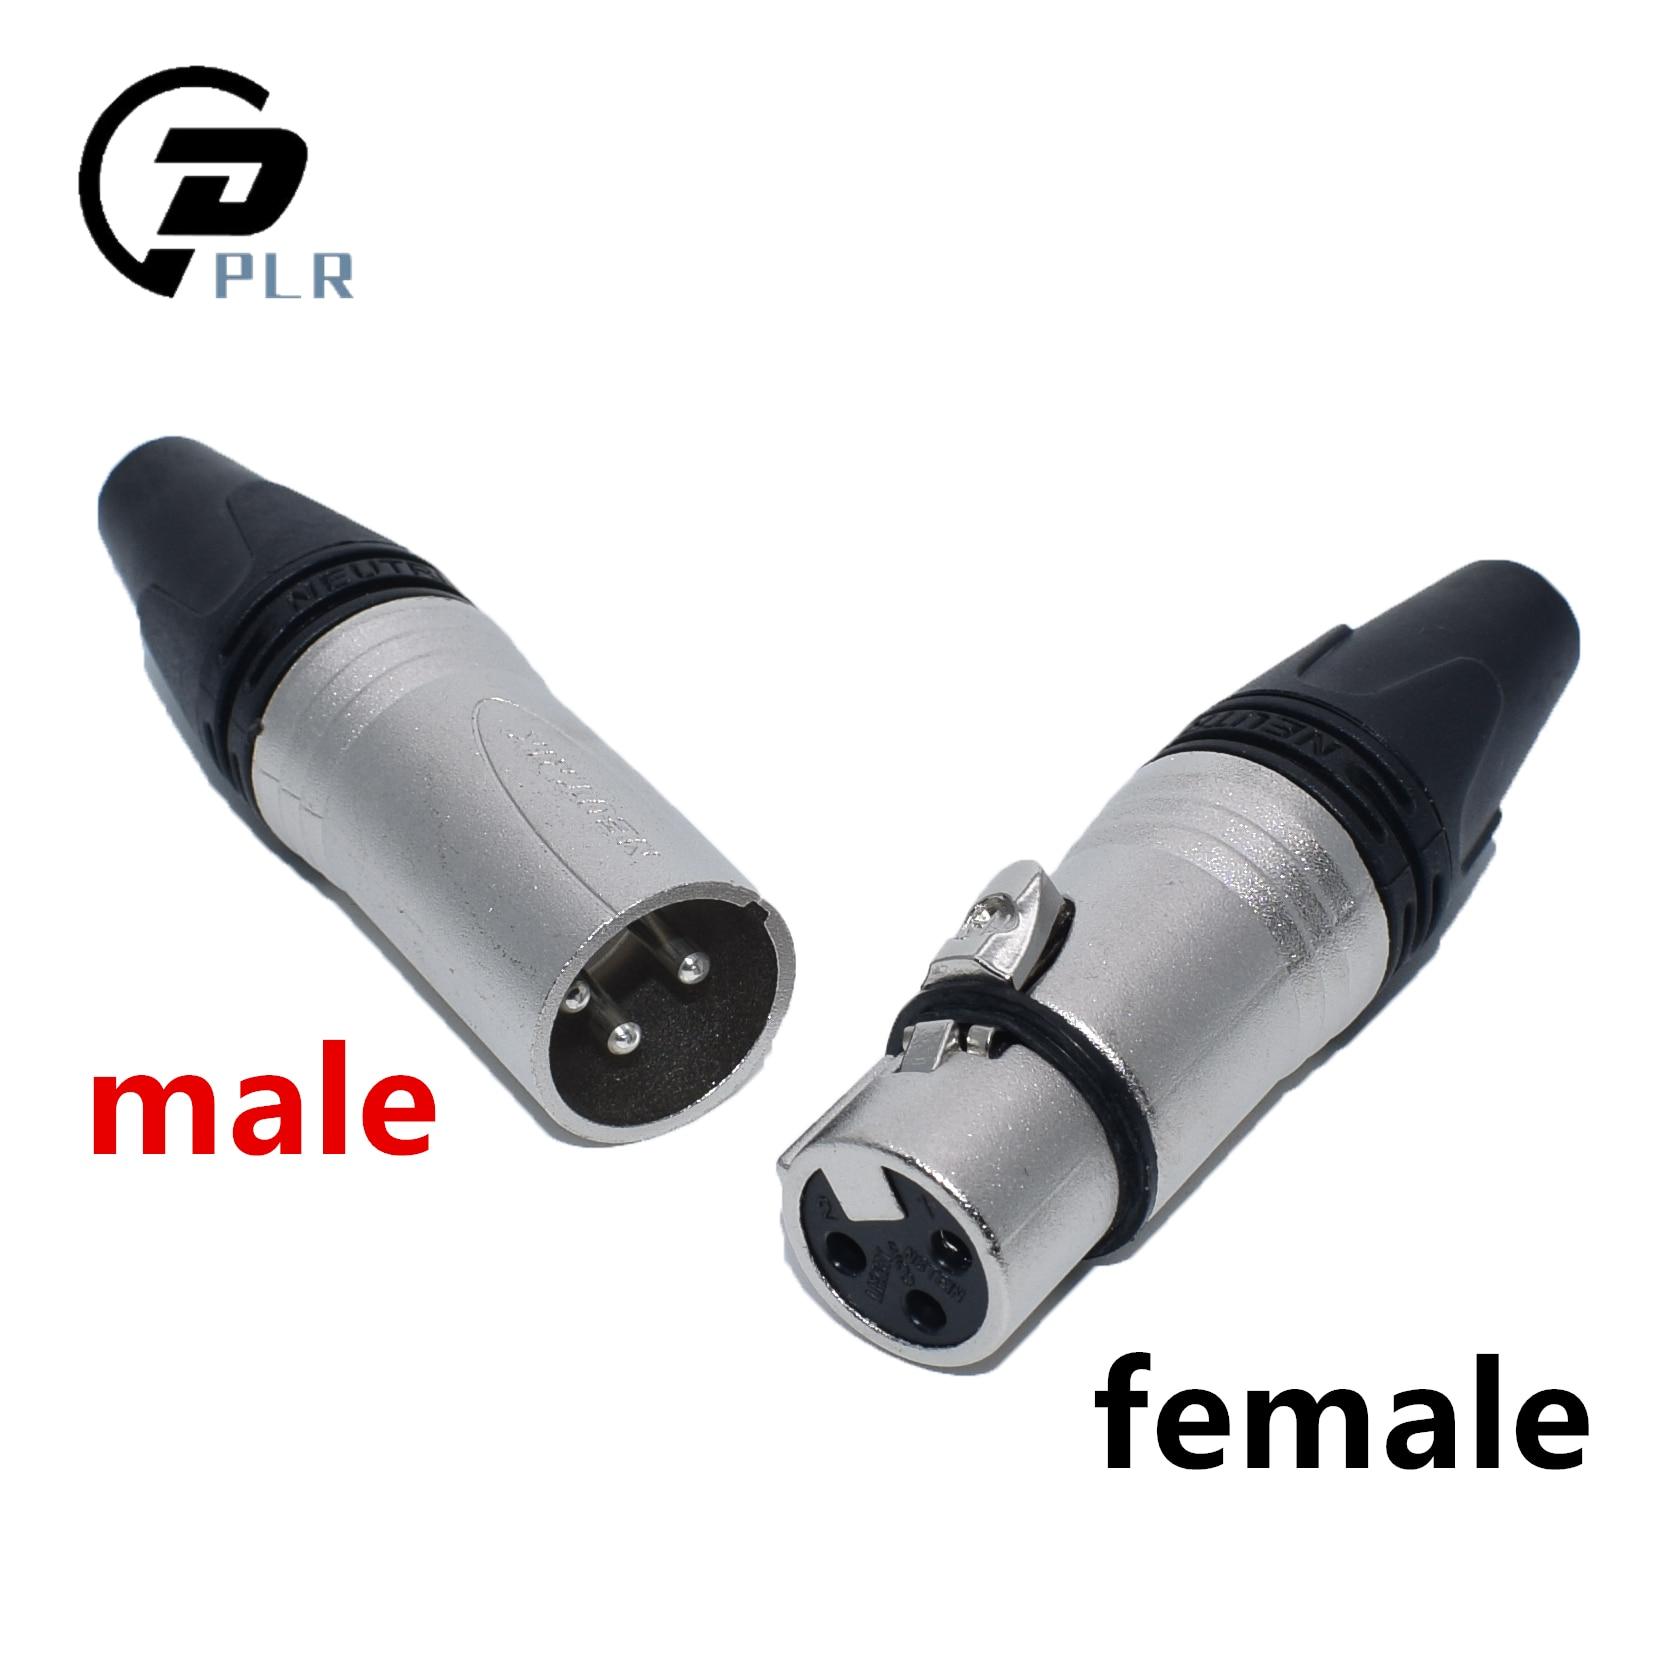 60Pcs lot 30PCS NC3MXX 30PCS NC3FXX NEUTR1K Male and female A set 3 Pin XLR Connector